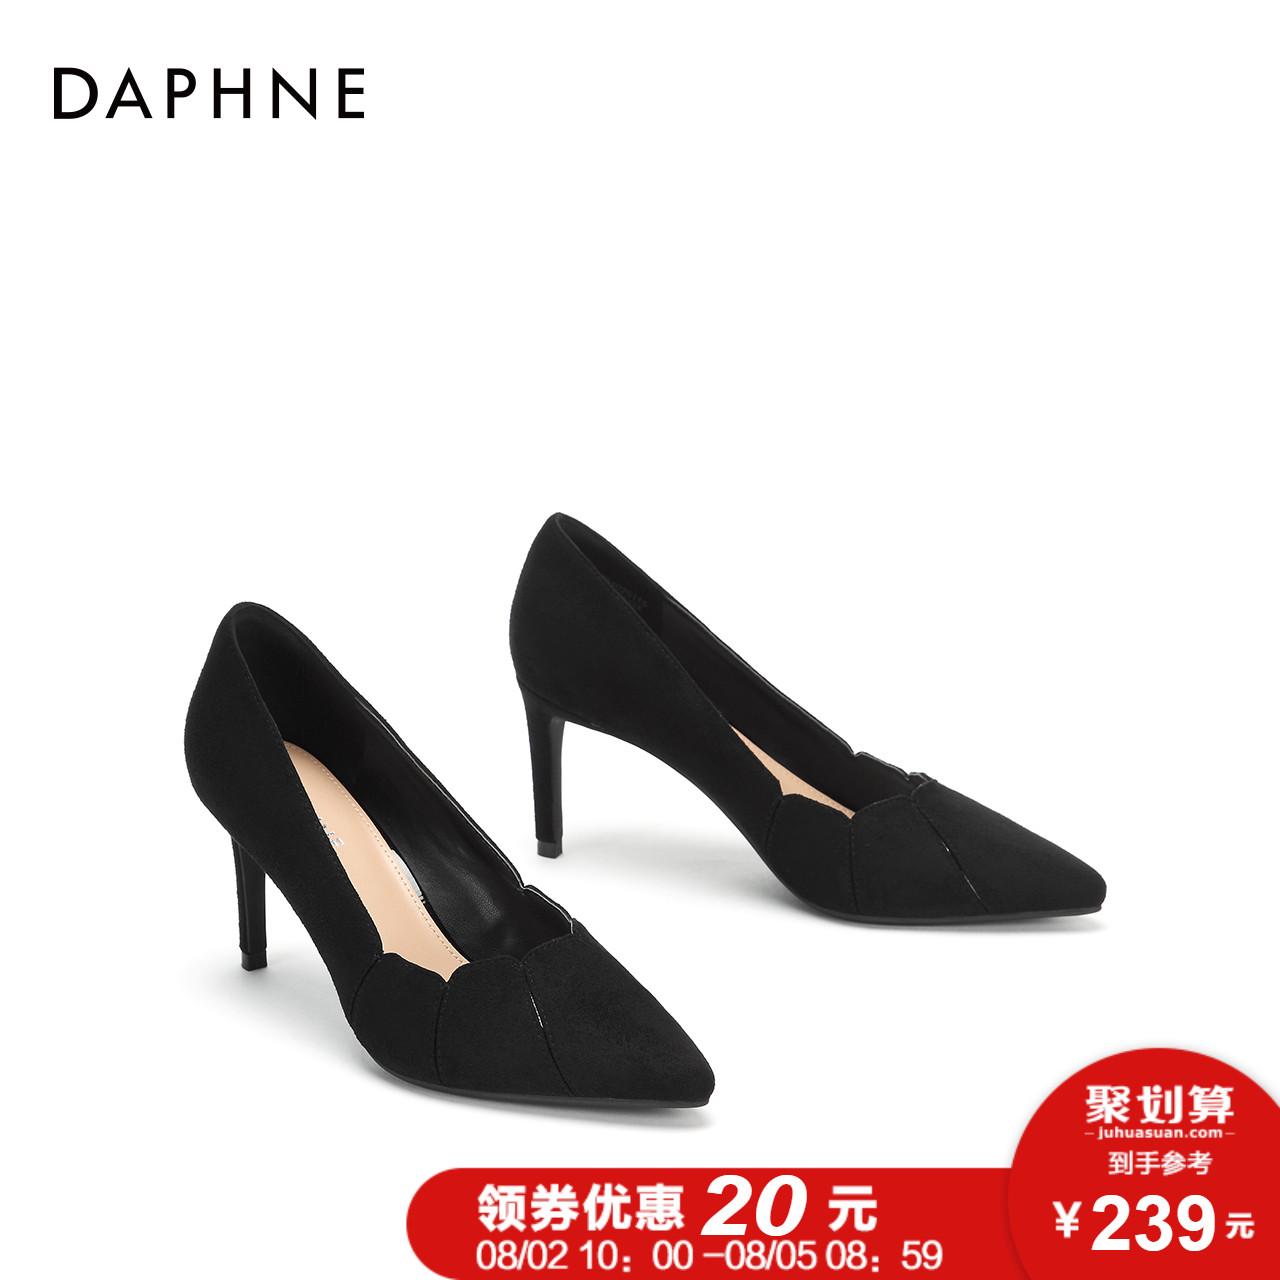 秋新款时尚浅口尖头高跟鞋简约花边纯色单鞋女2018达芙妮Daphne